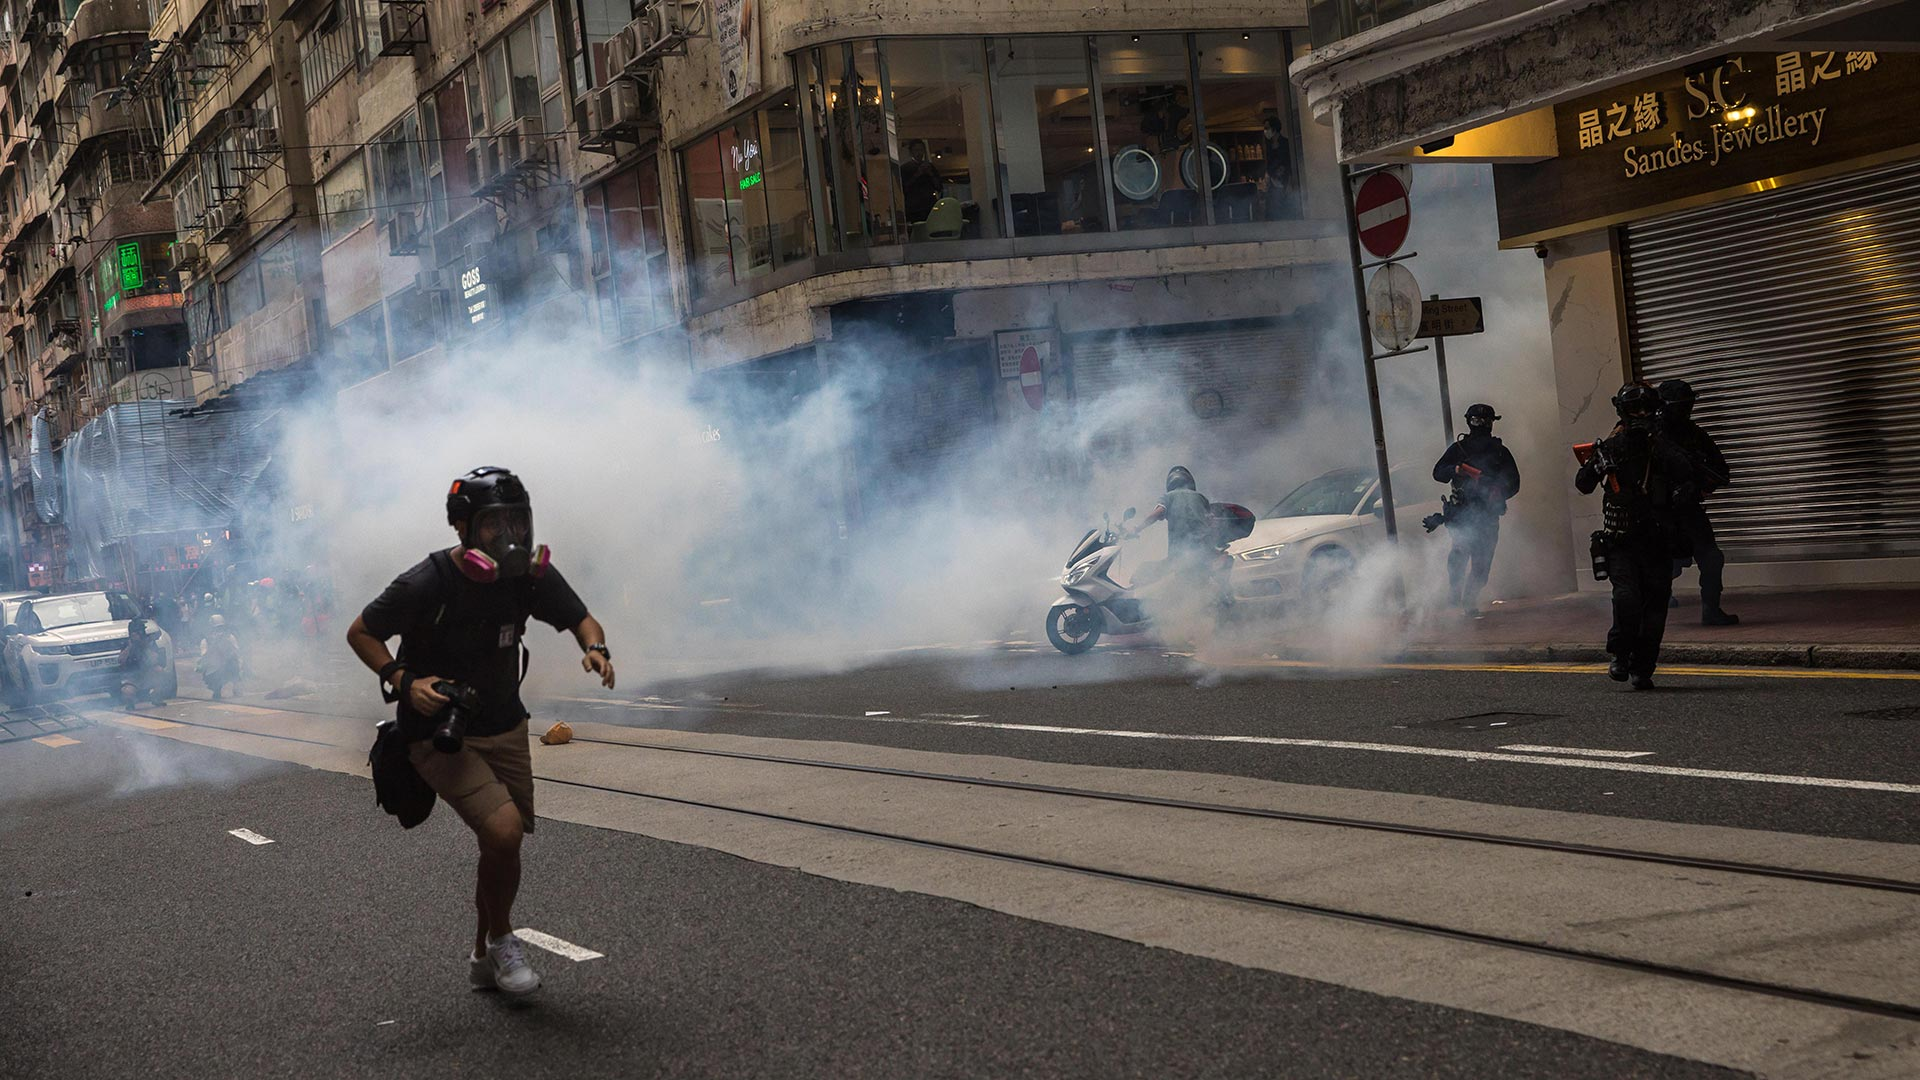 El Frente Civil de Derechos Humanos, el grupo que ha organizado las mayores manifestaciones celebradas en Hong Kong en 2019, había prometido que seguiría adelante con la marcha que ha convocado a pesar de no contar con permiso